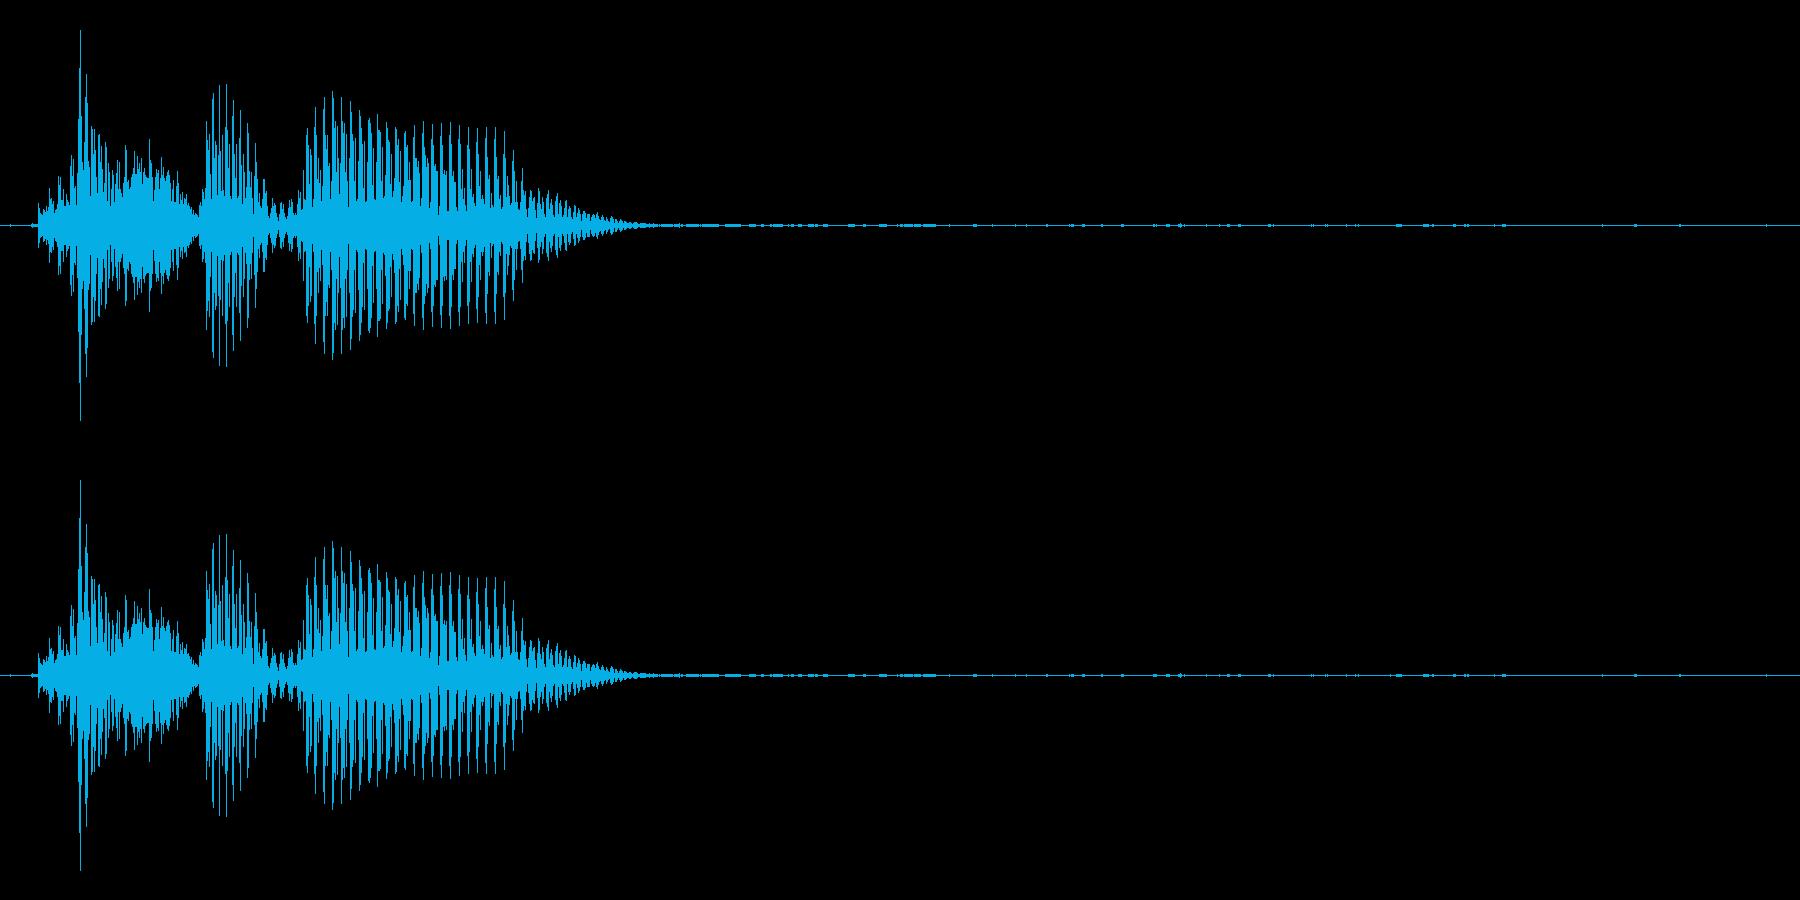 「朝だよ」(優しくささやくように)の再生済みの波形